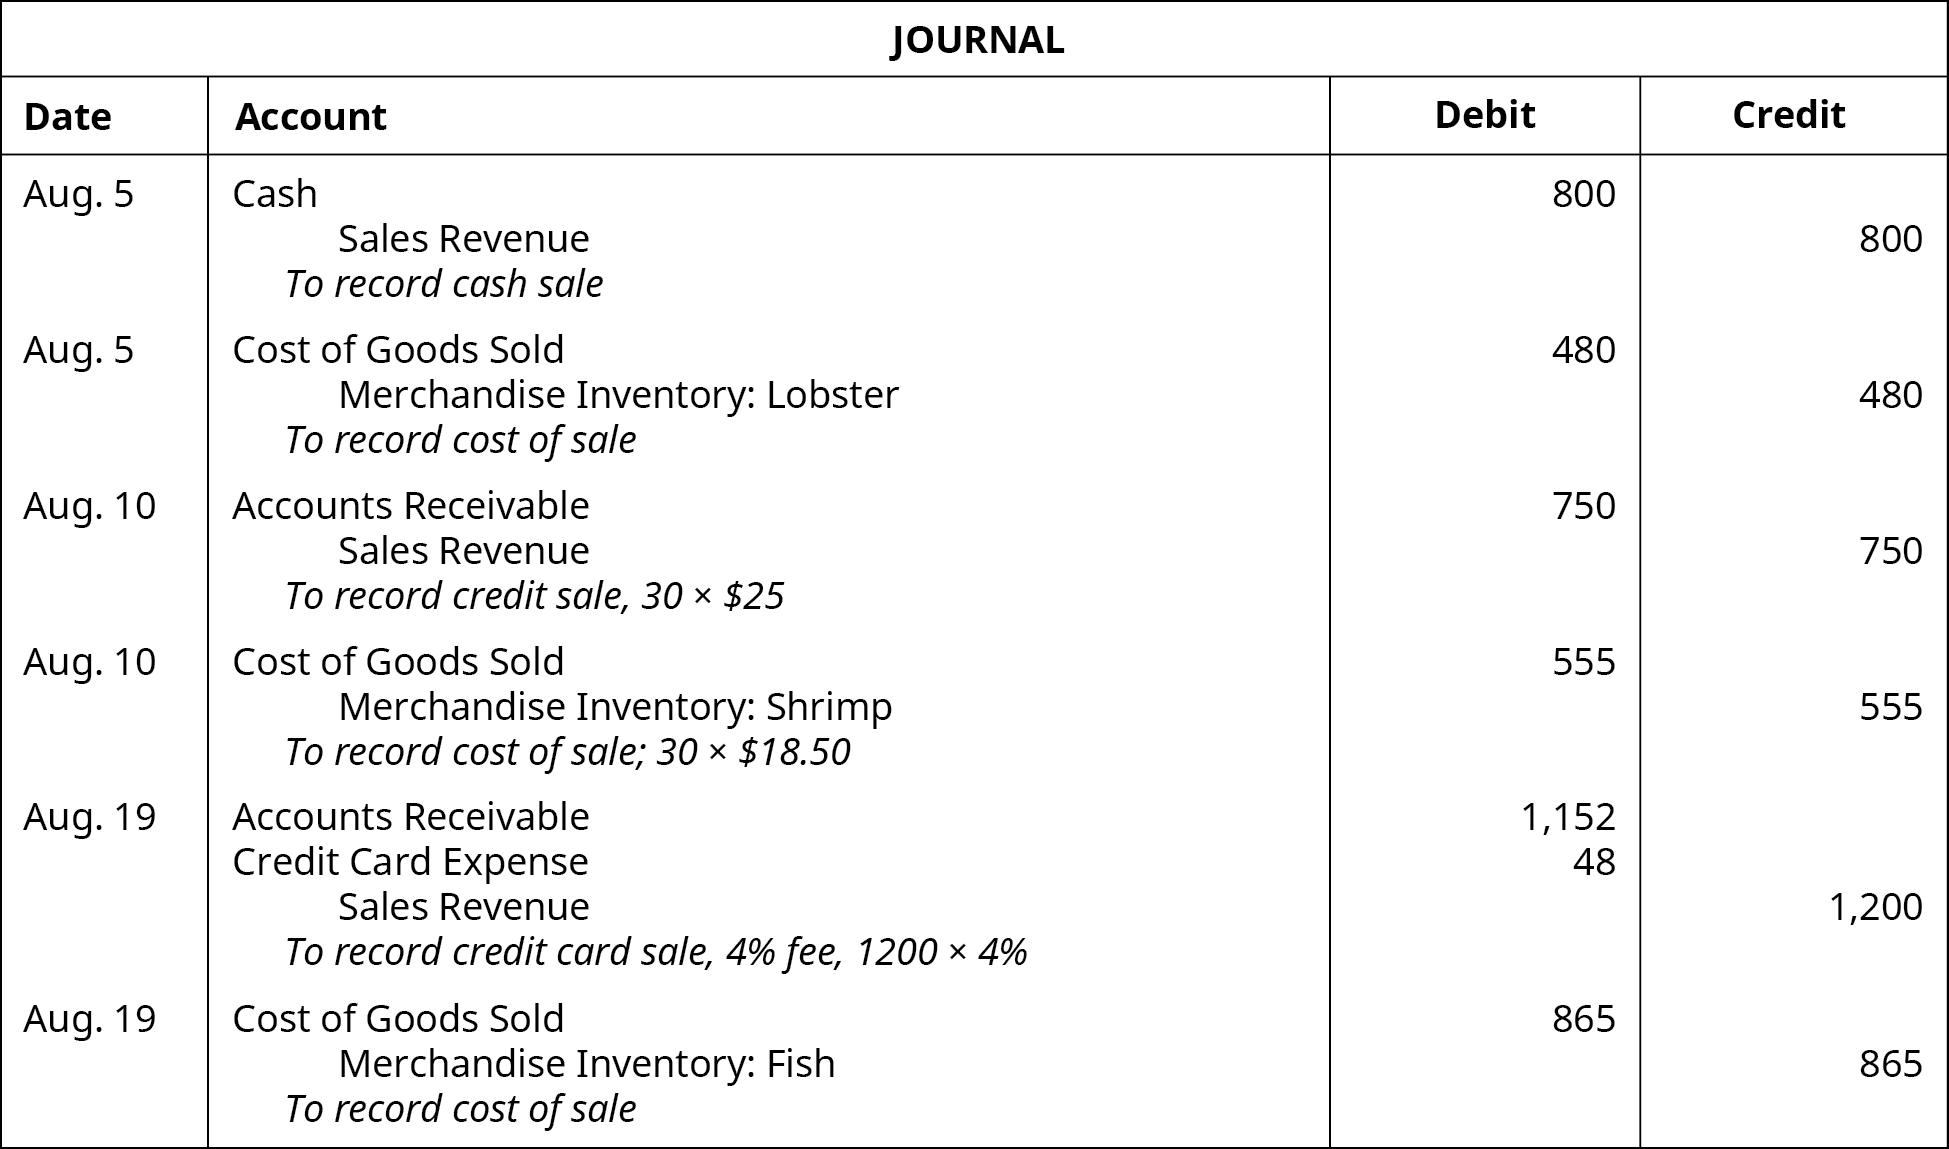 Journal entries: August 5 debit Cash 800, credit Sales Revenue 800.